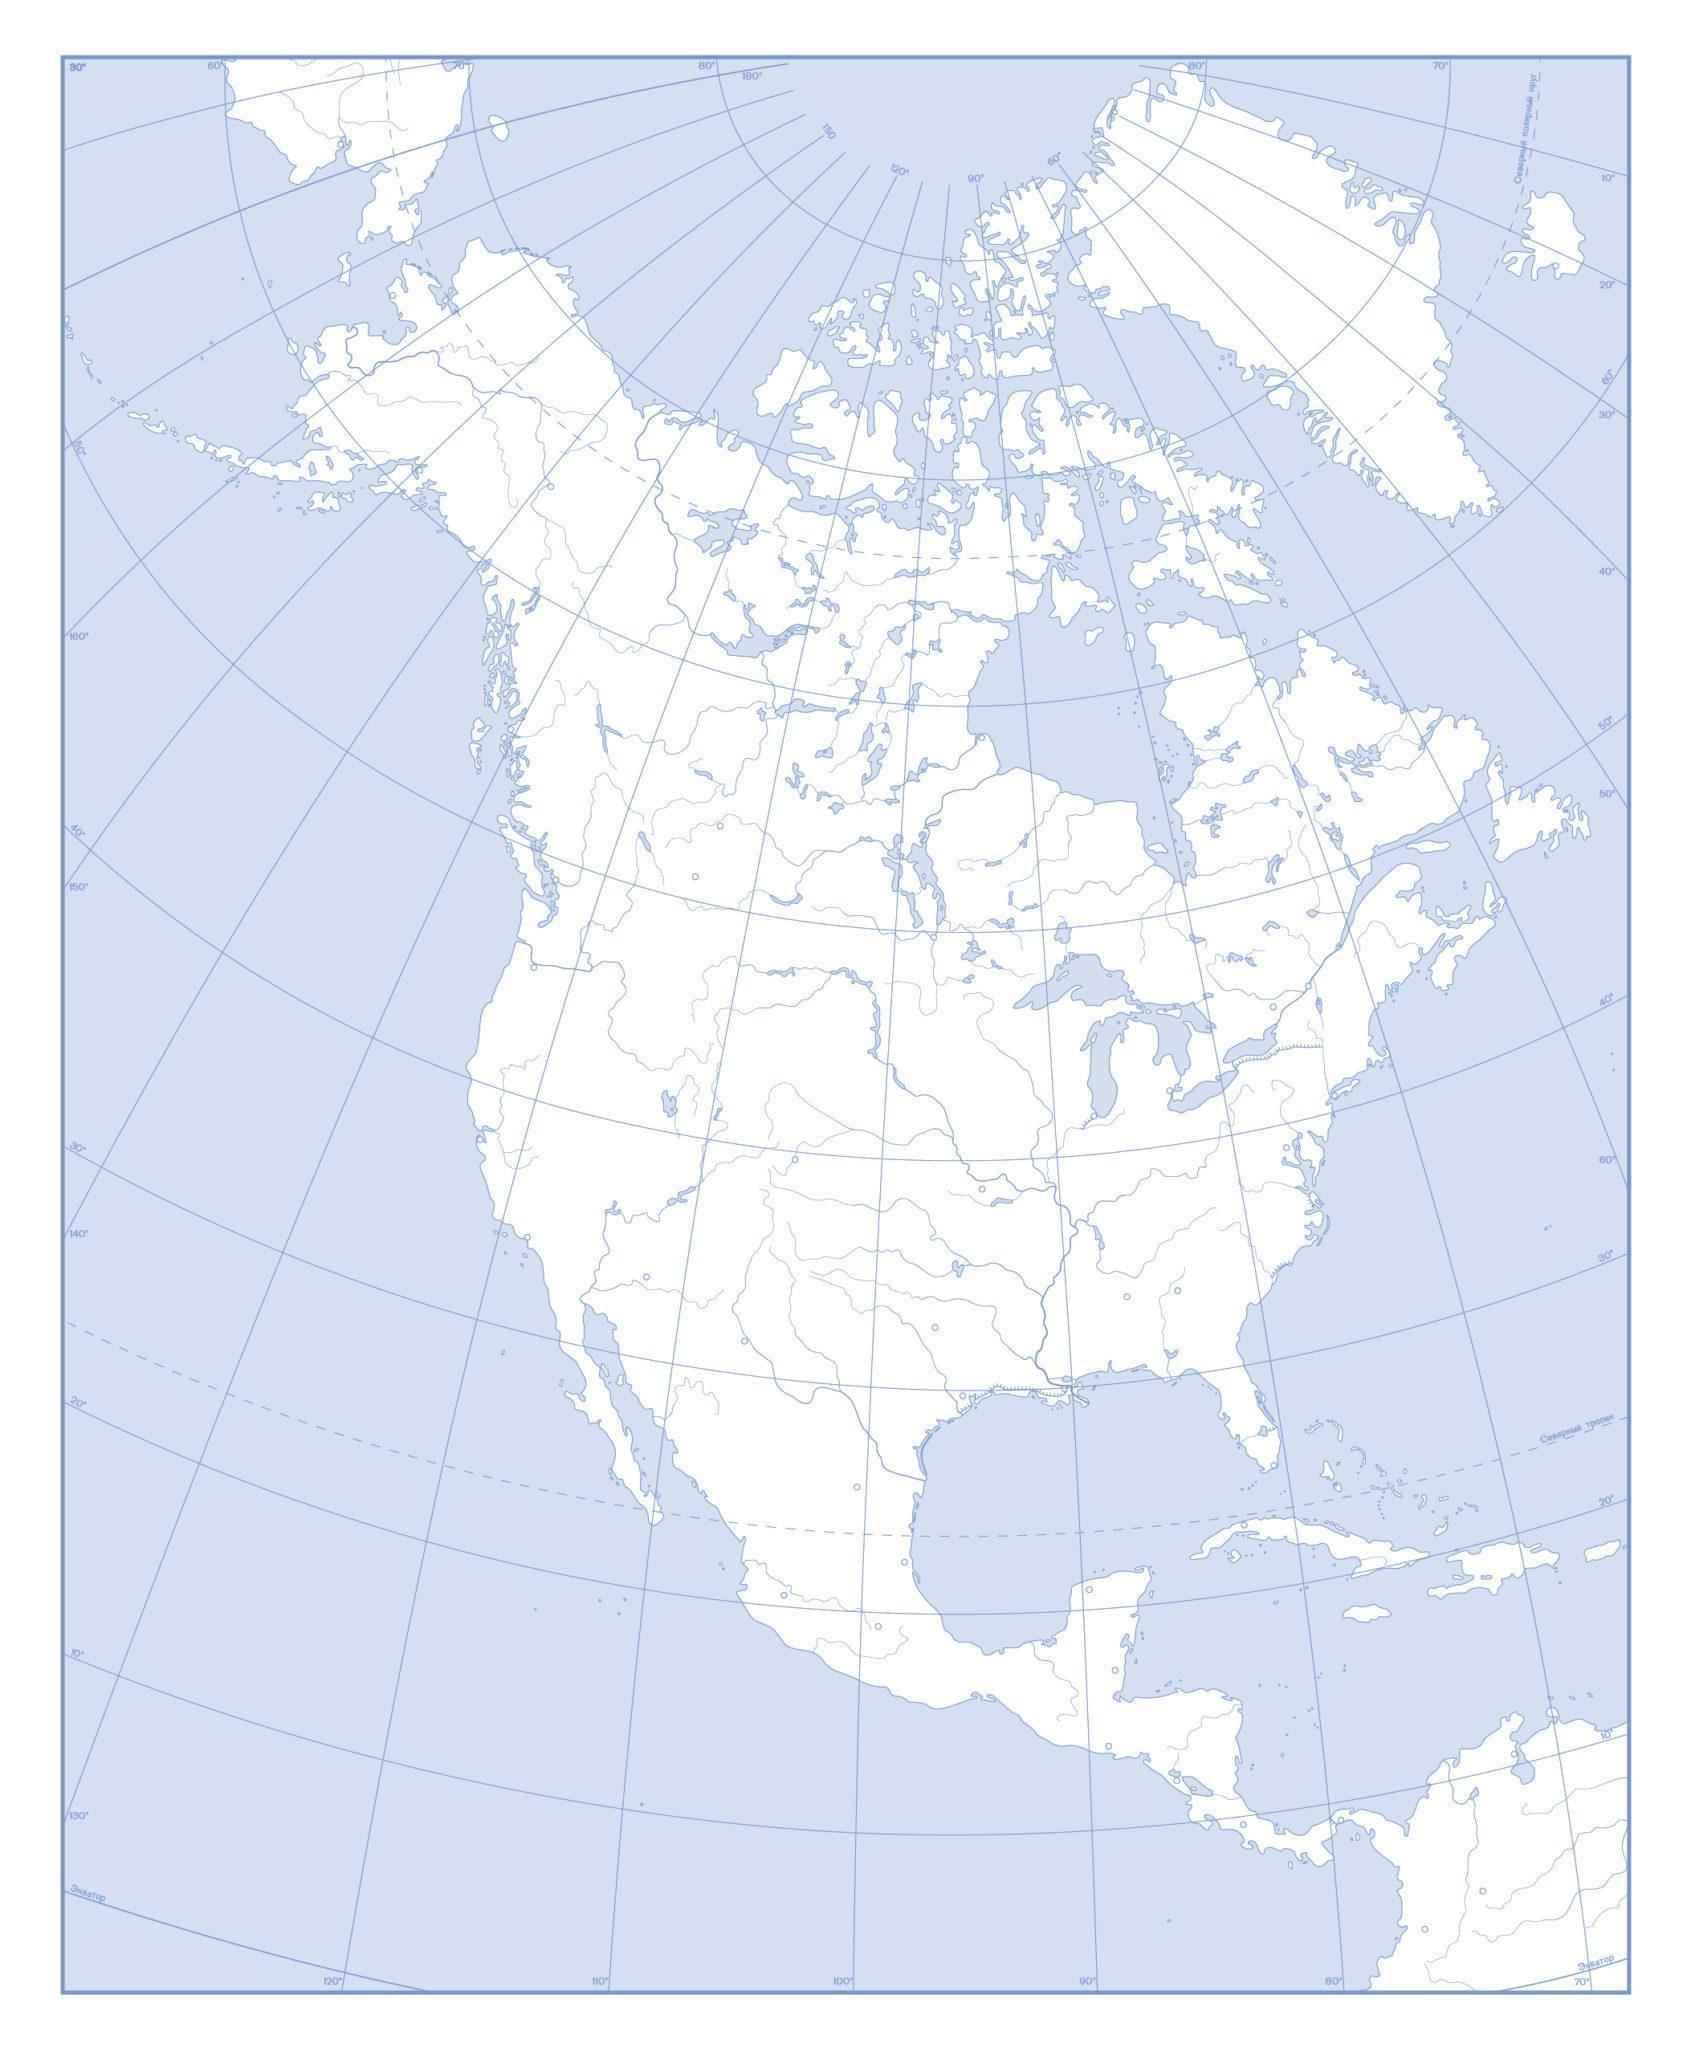 Географические карты Северной Америки крупным планом на русском языке: физическая, политическая и контурная 4